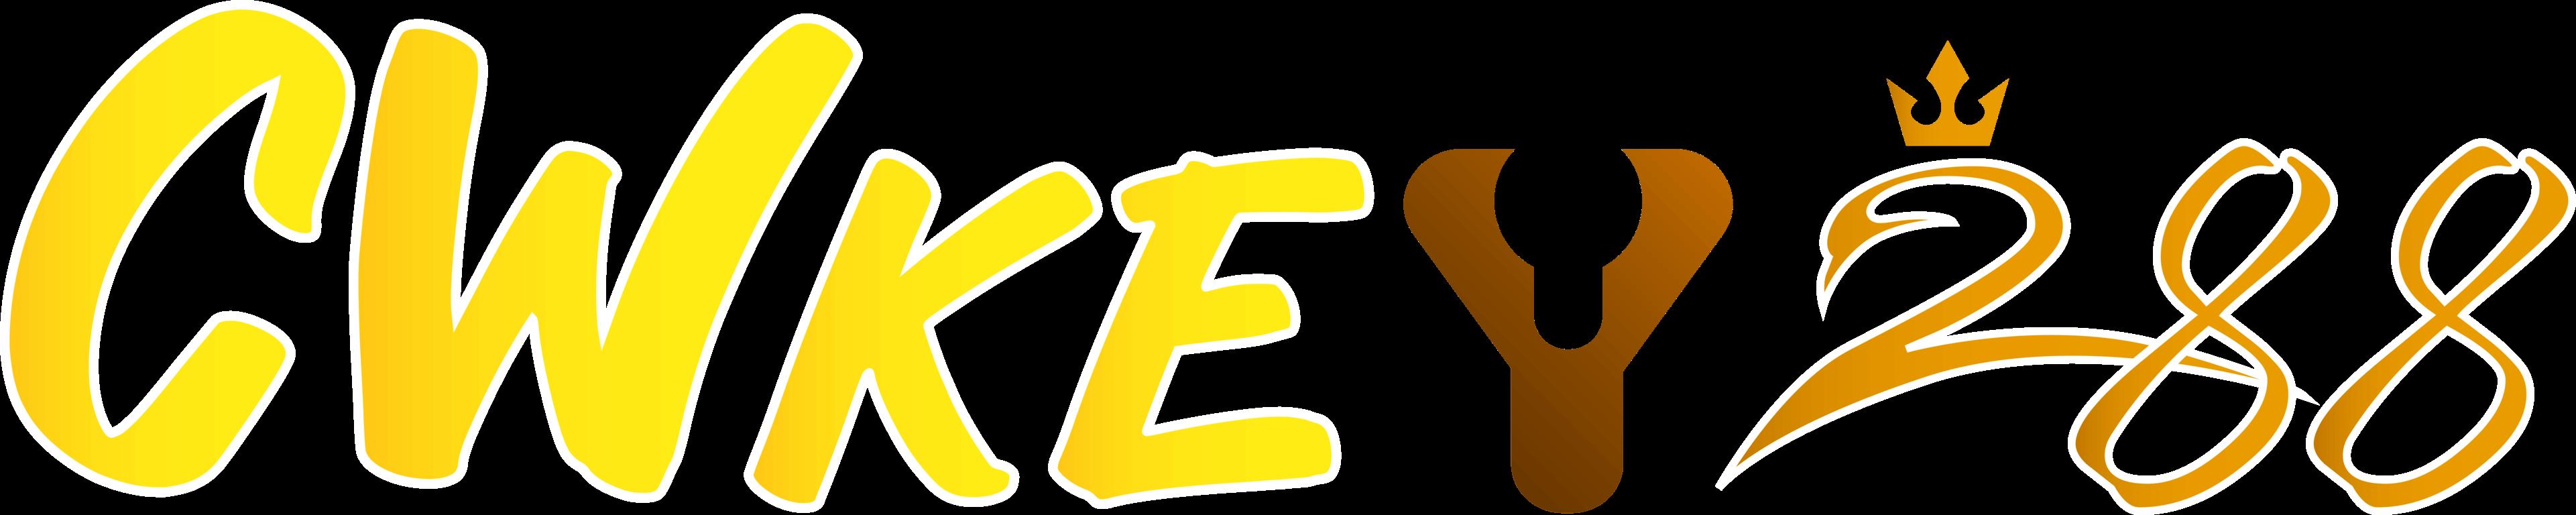 CWKEY288